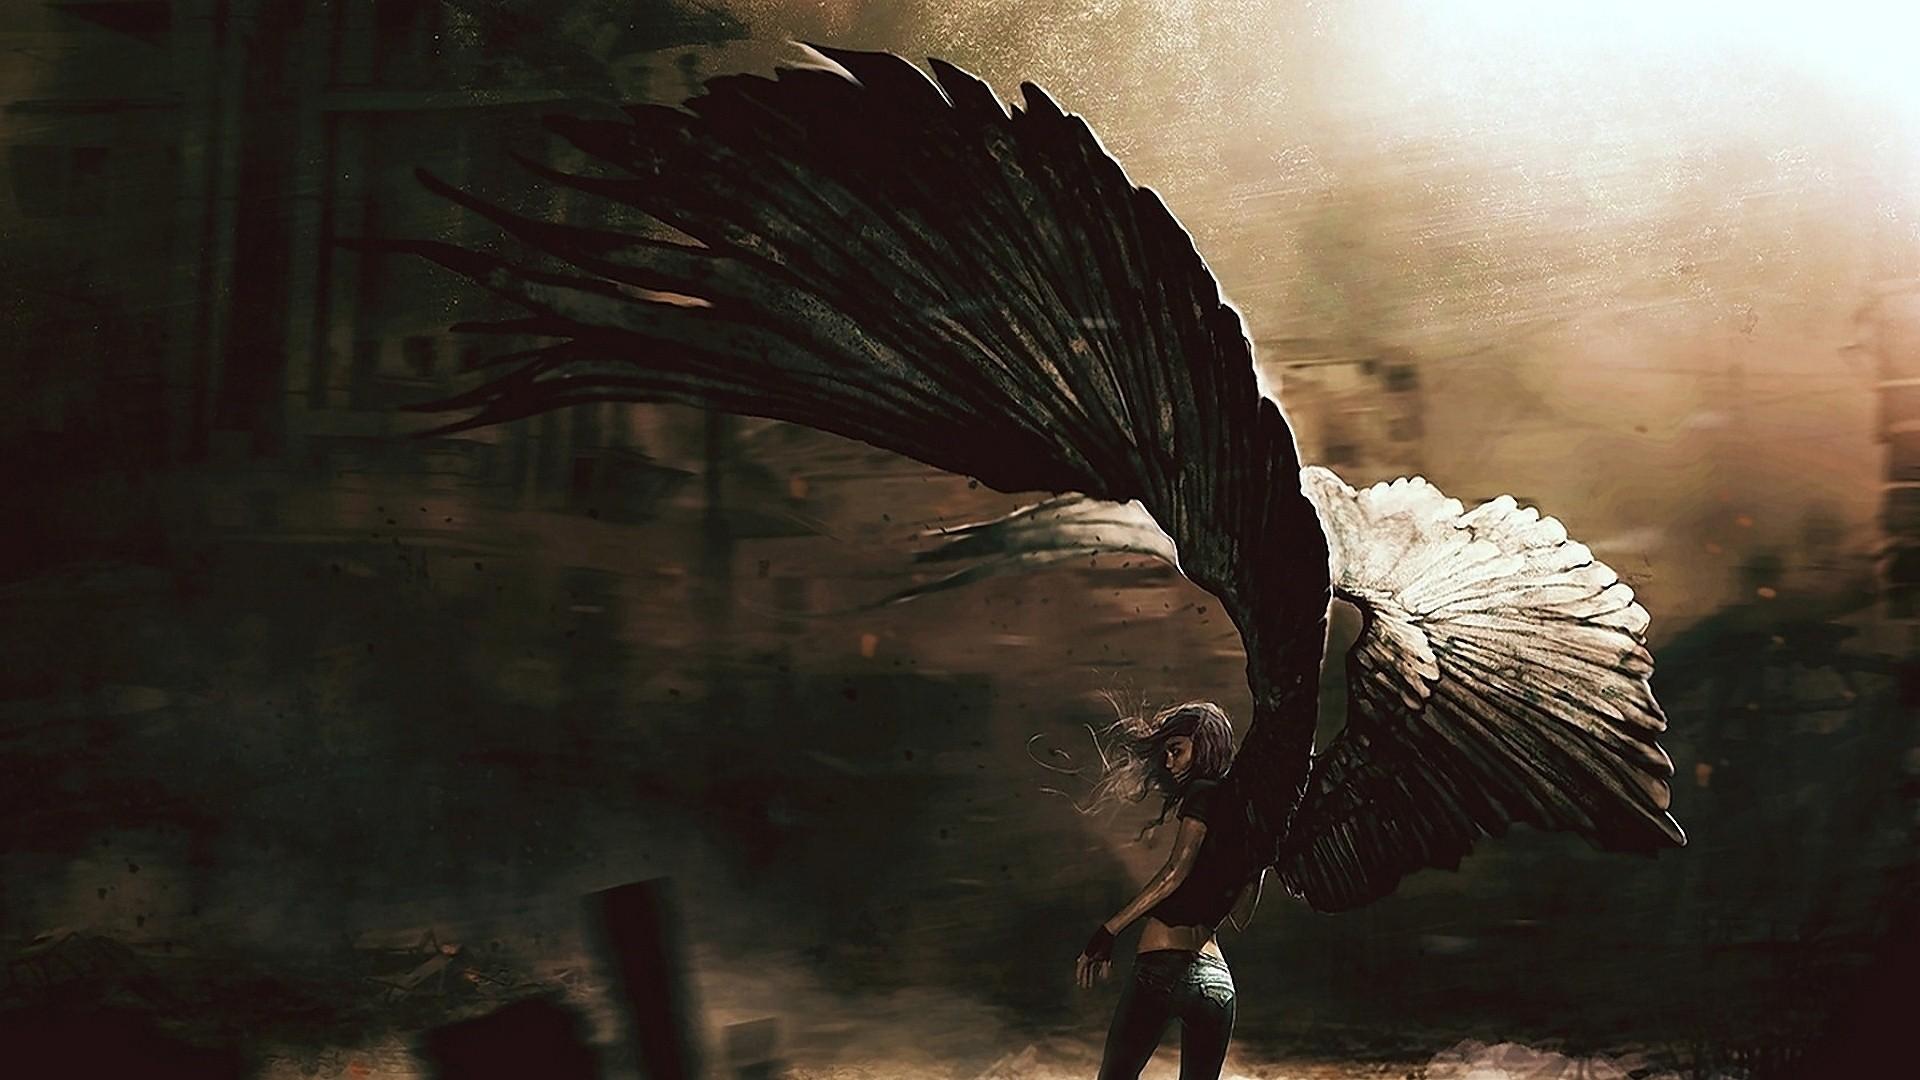 Anime-Fallen-Angel-HD-Wallpaper.jpg (1920×1080) | angels | Pinterest | Angel  wallpaper, Anime angel and 3d wallpaper